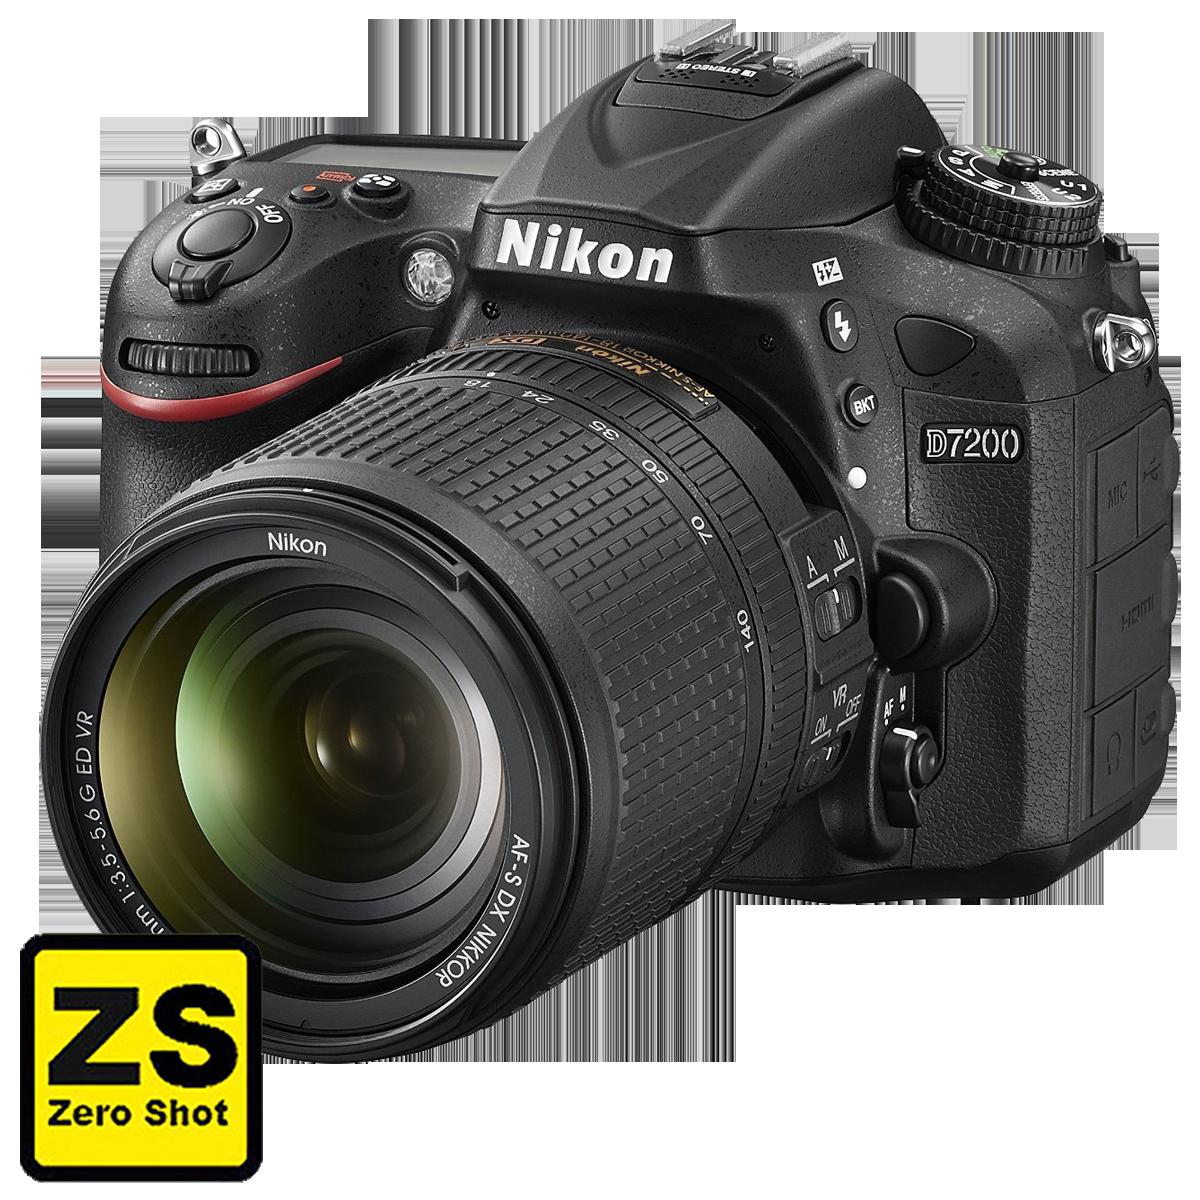 Câmera Nikon D7200 + Objetiva NIKKOR 18-140 AF-S f/3.5-5.6G ED VR (Zero Shot)